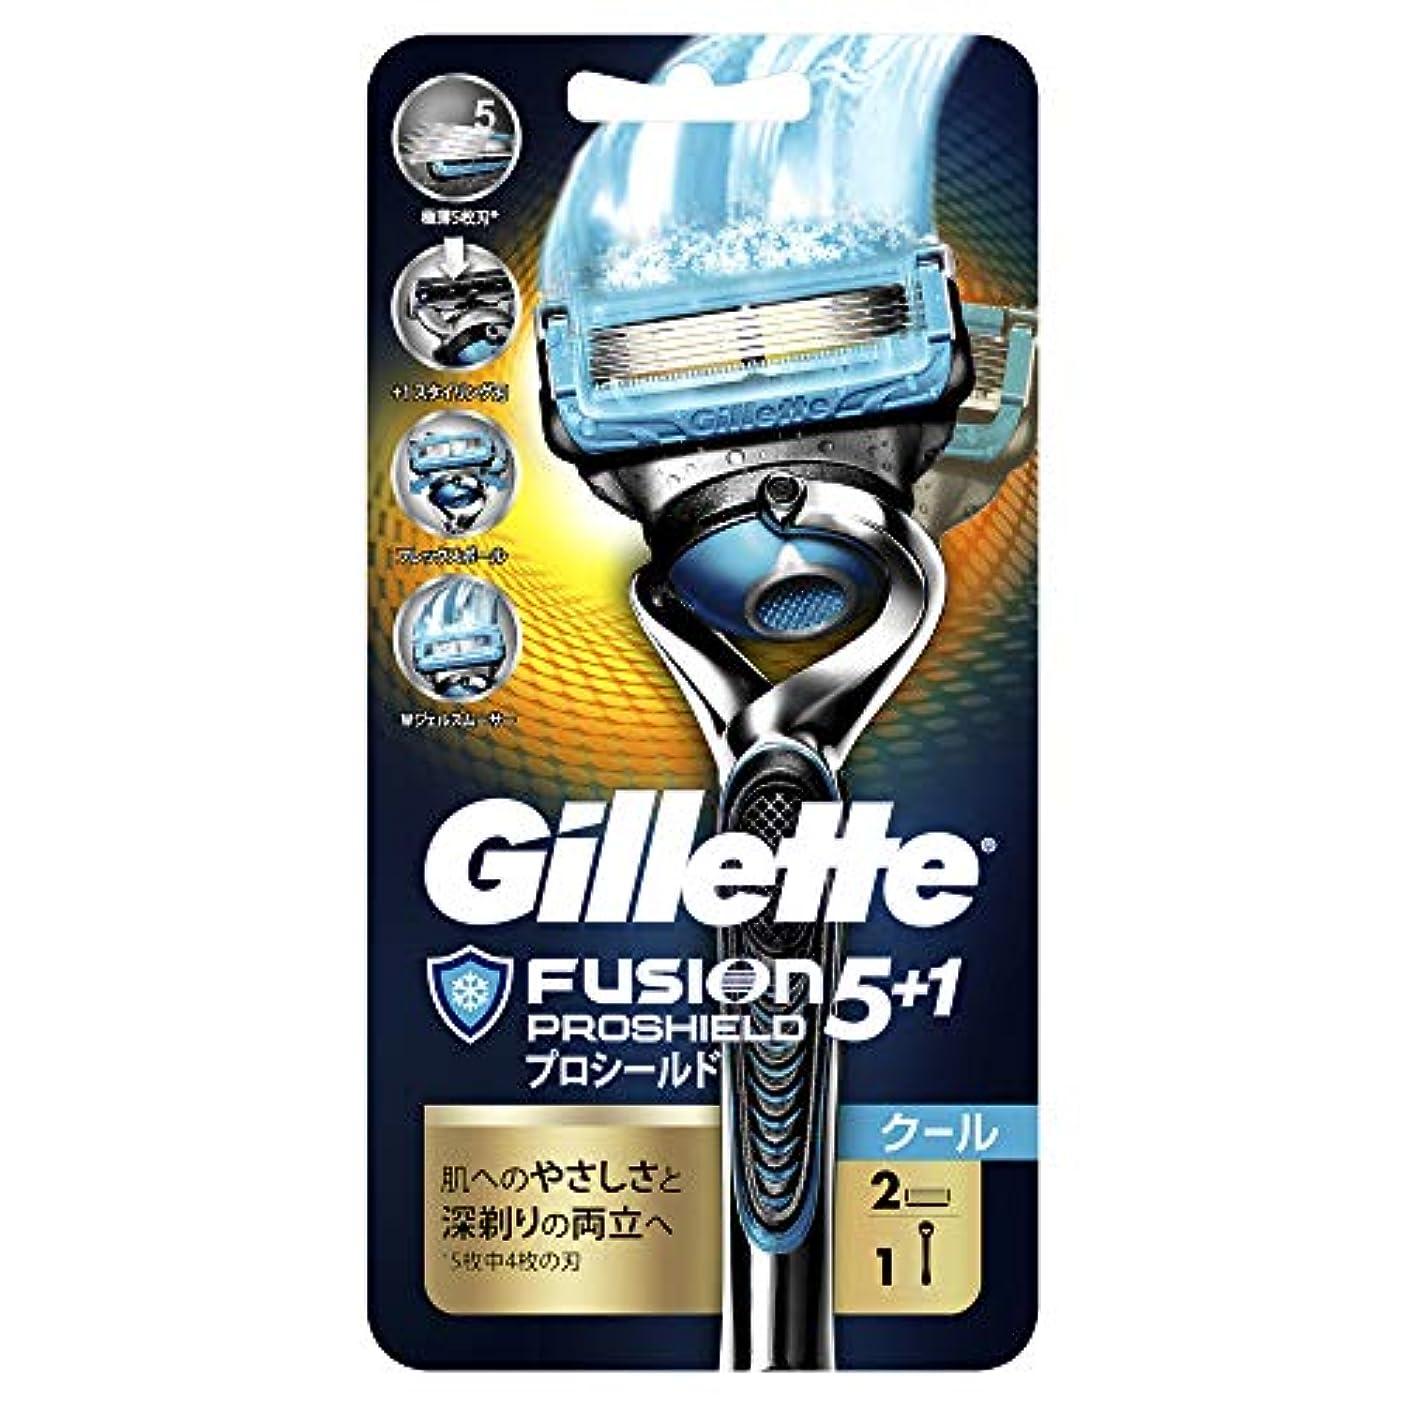 バイソン全国医療のジレット 髭剃り フュージョン5+1 プロシールド クール 本体 替刃1個付